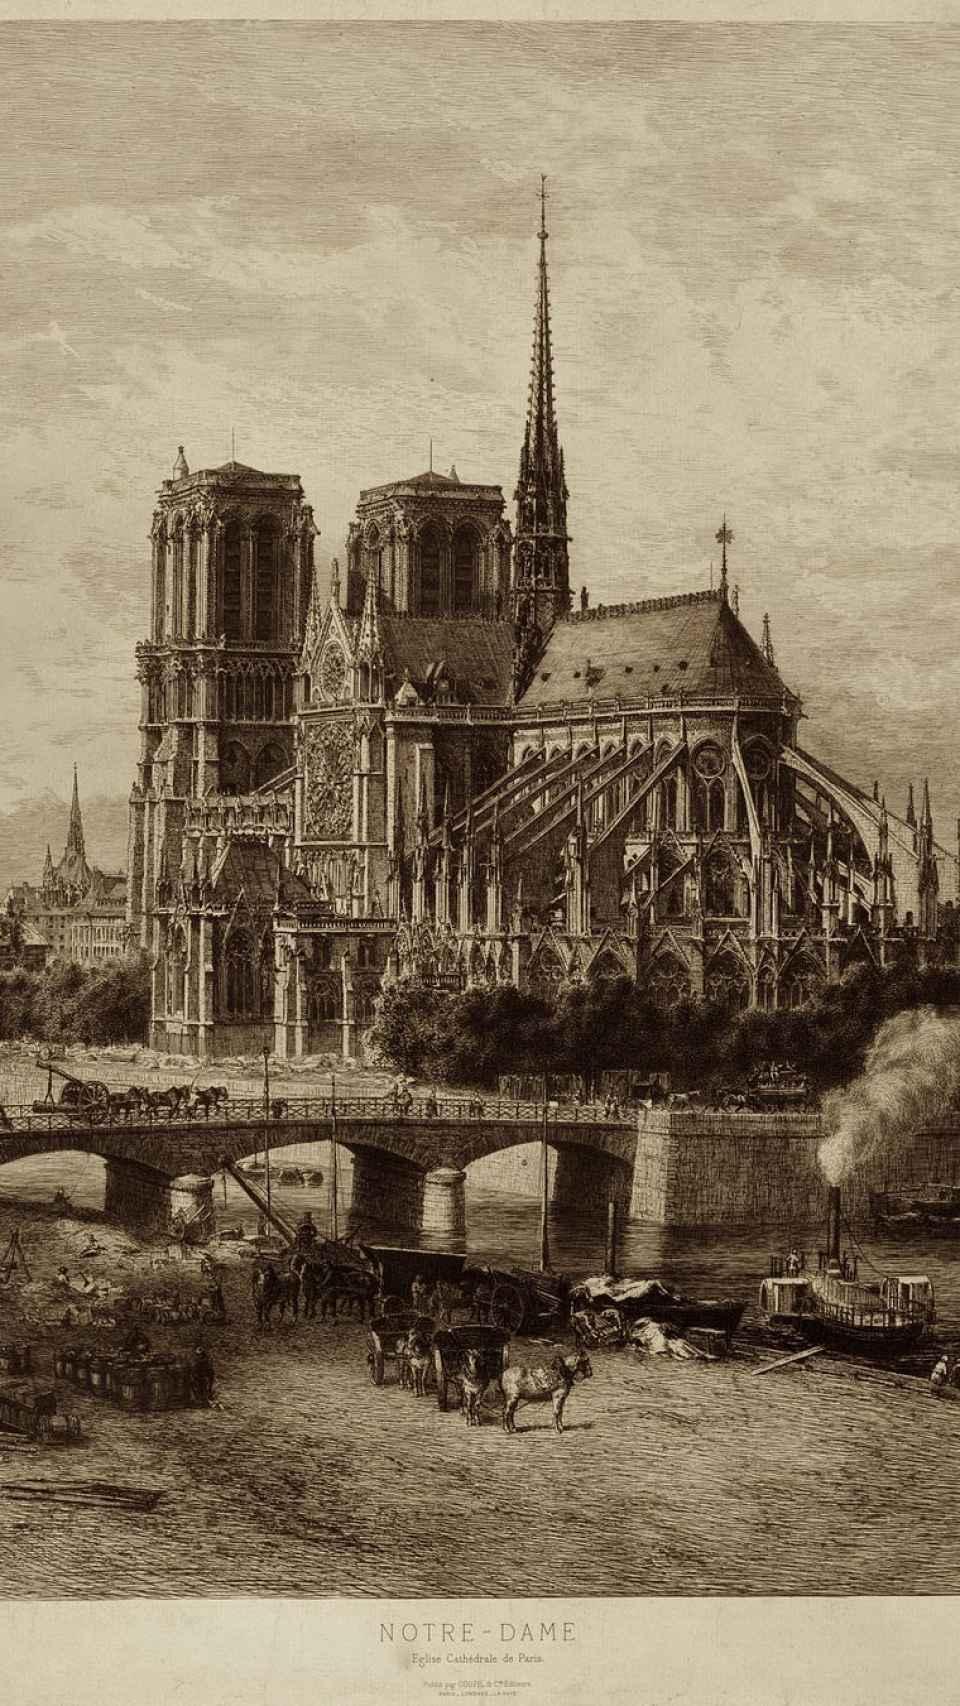 Grabado de la catedral de Notre Dame.